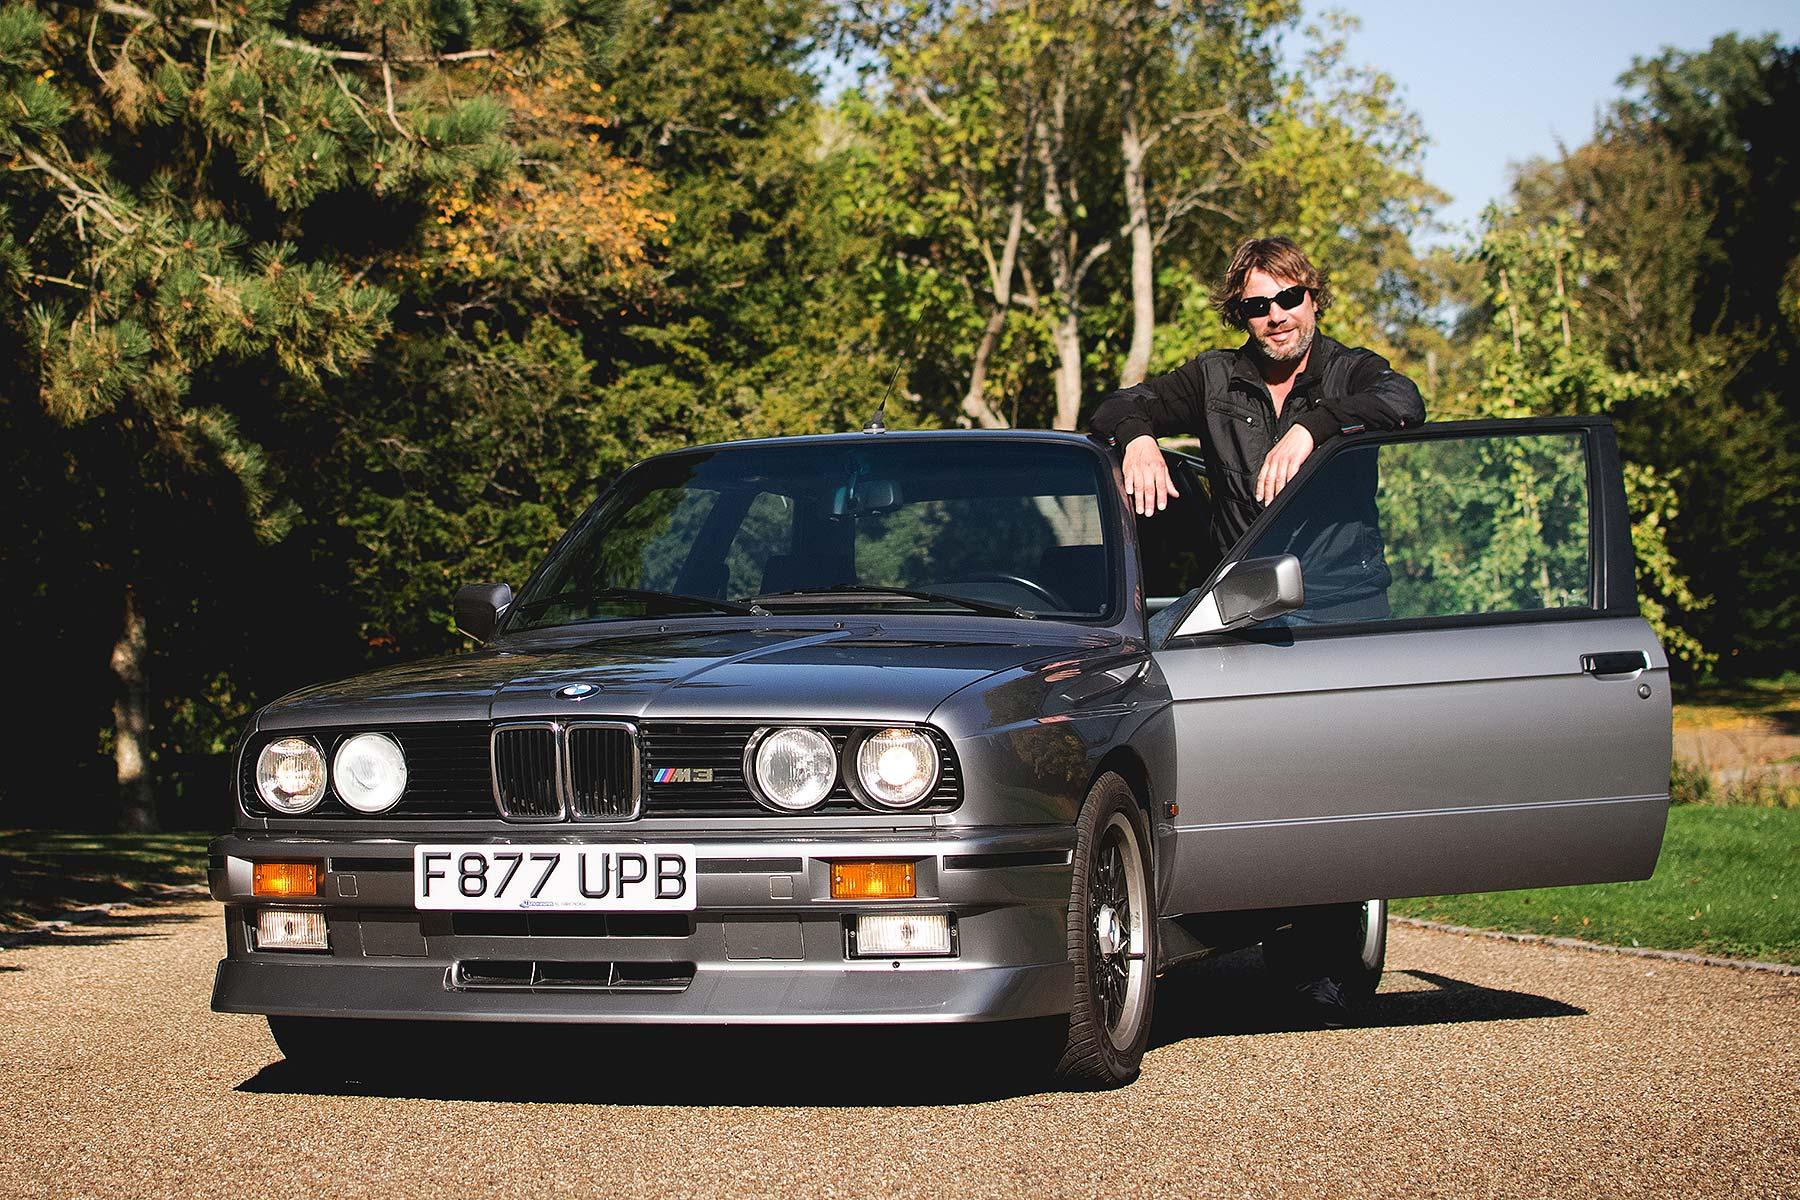 1989 BMW E30 M3 Johnny Cecotto Ltd Edition